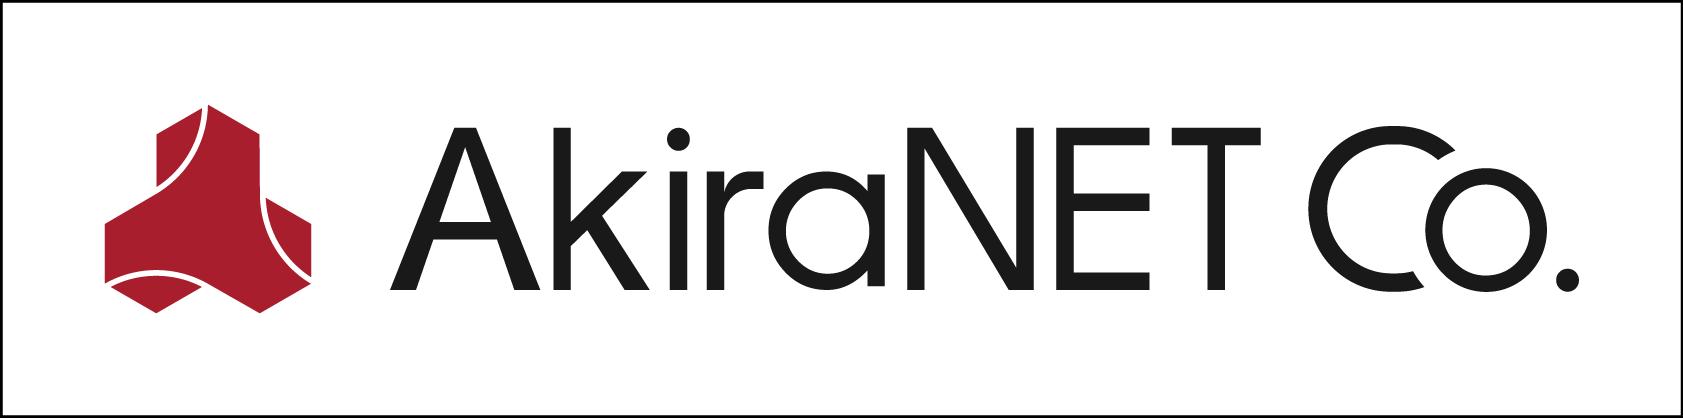 AkiraNET Co.